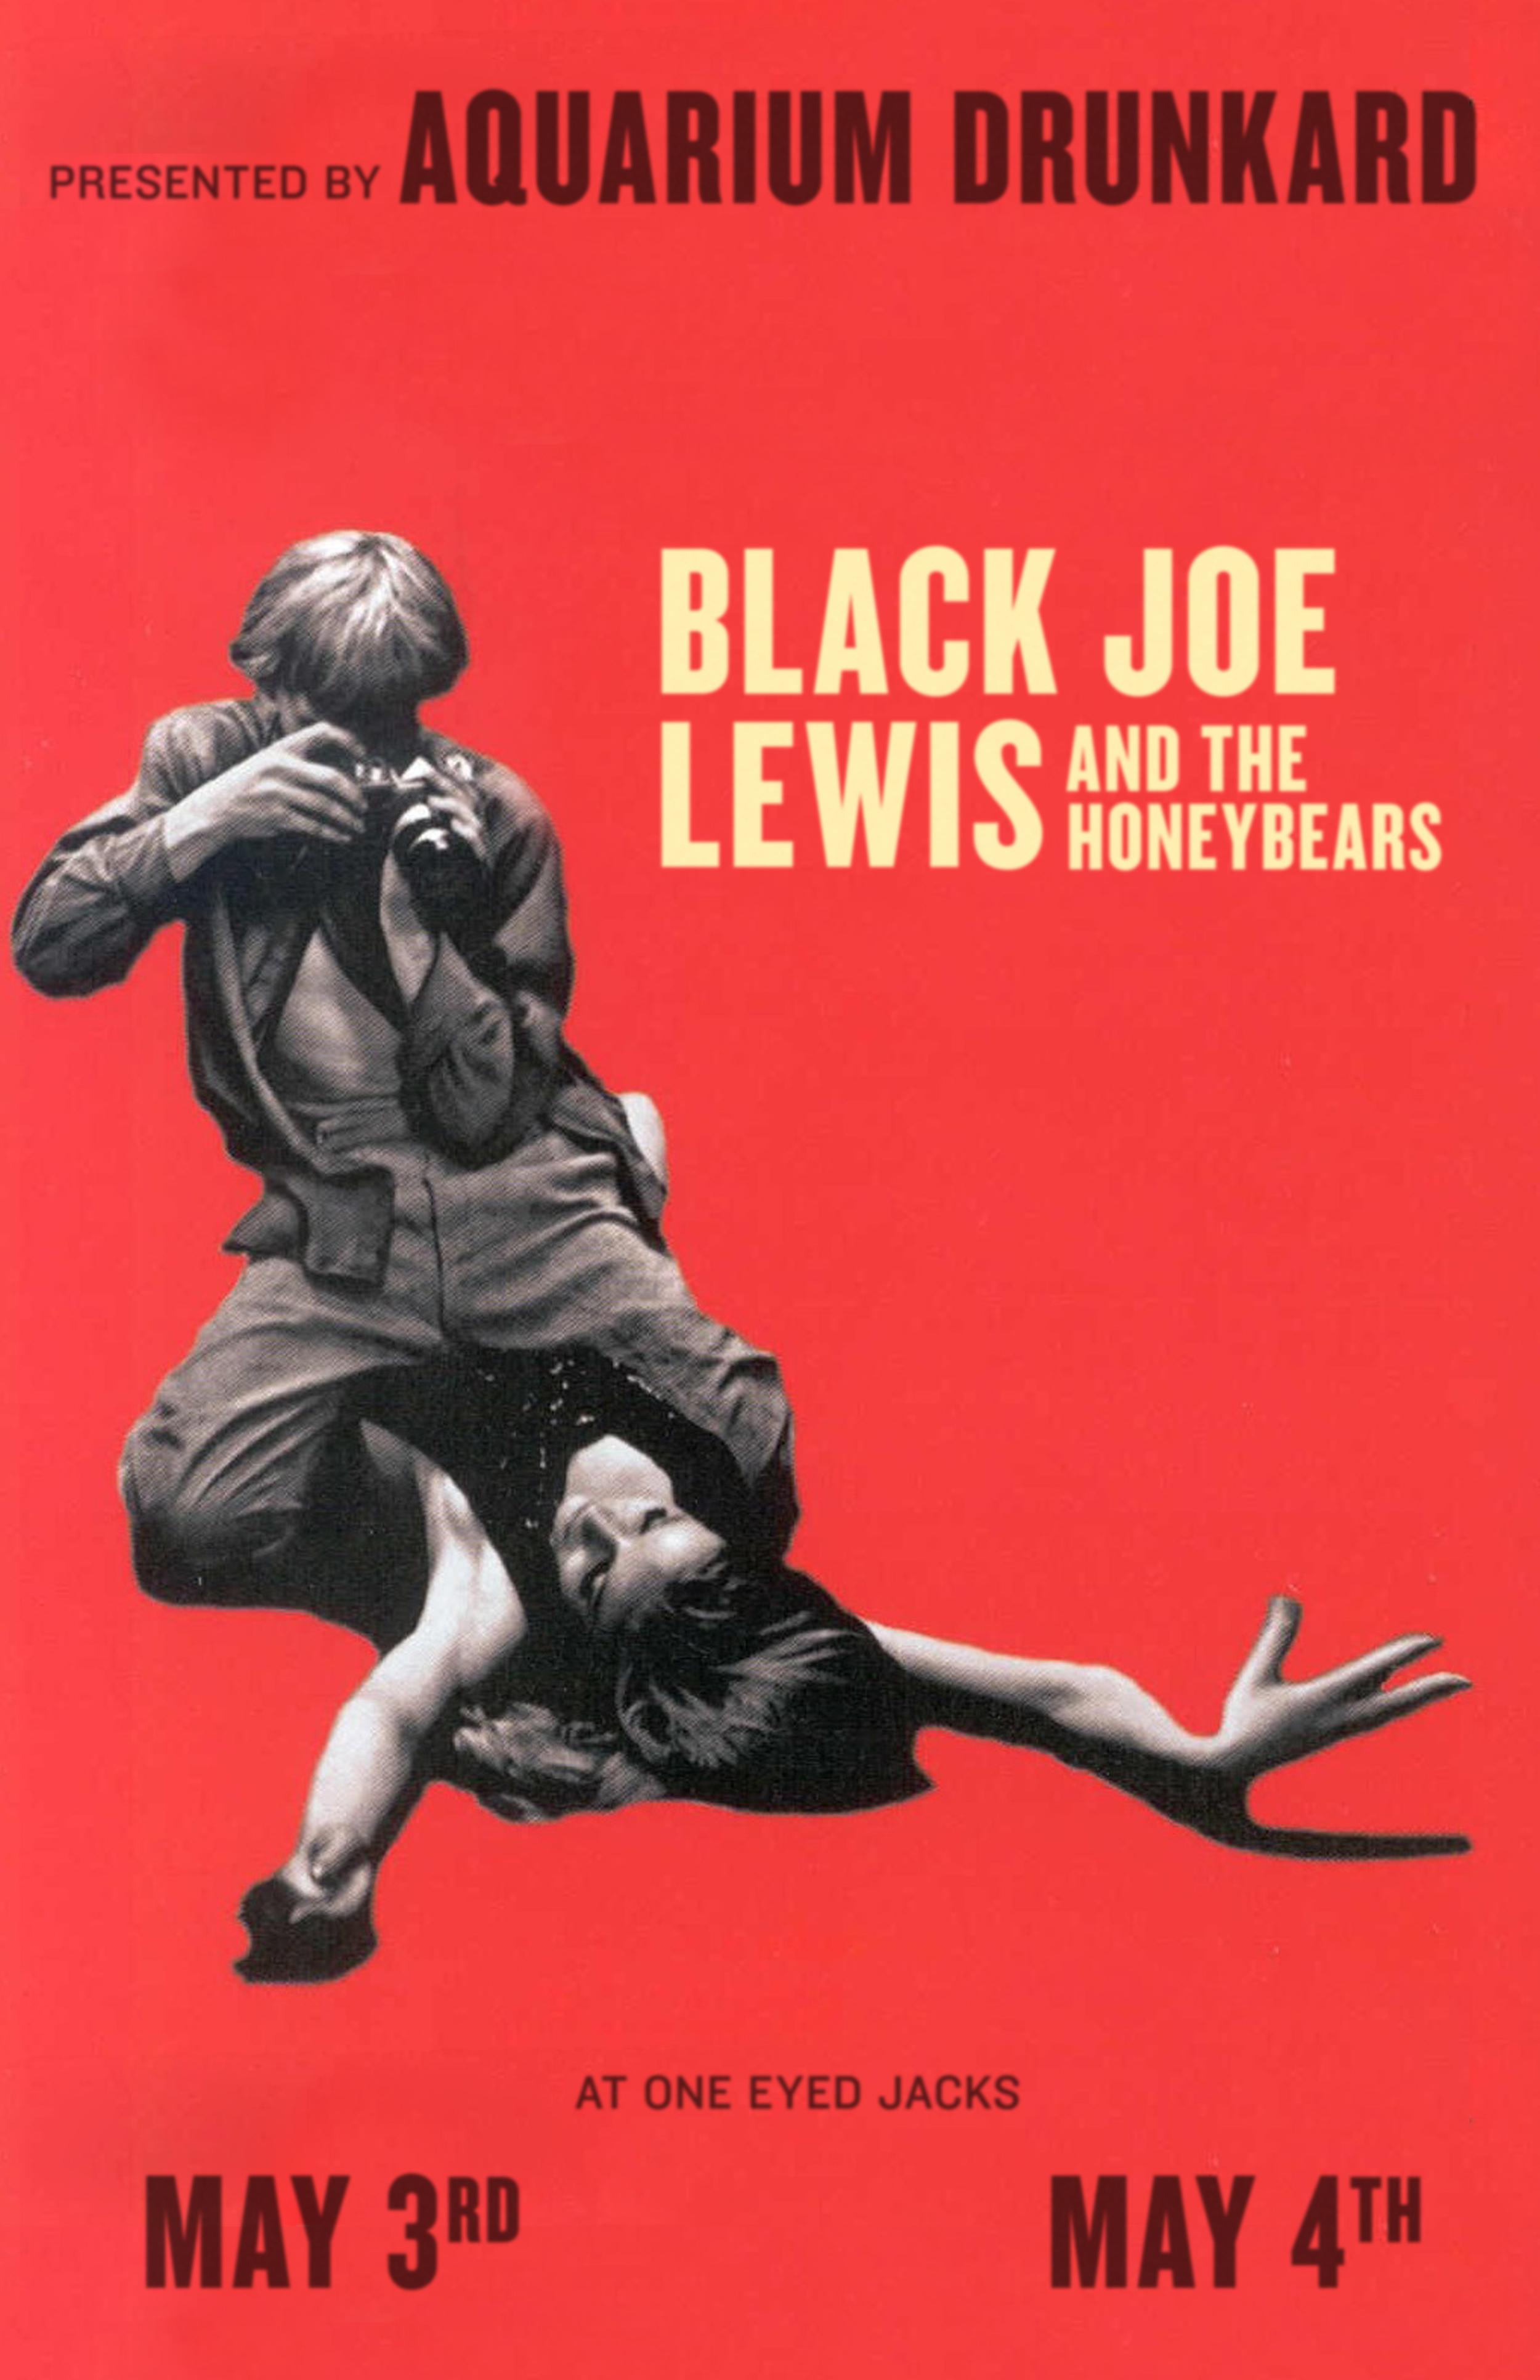 Black-Joe-Lewis-Blow-up-11x17.jpg